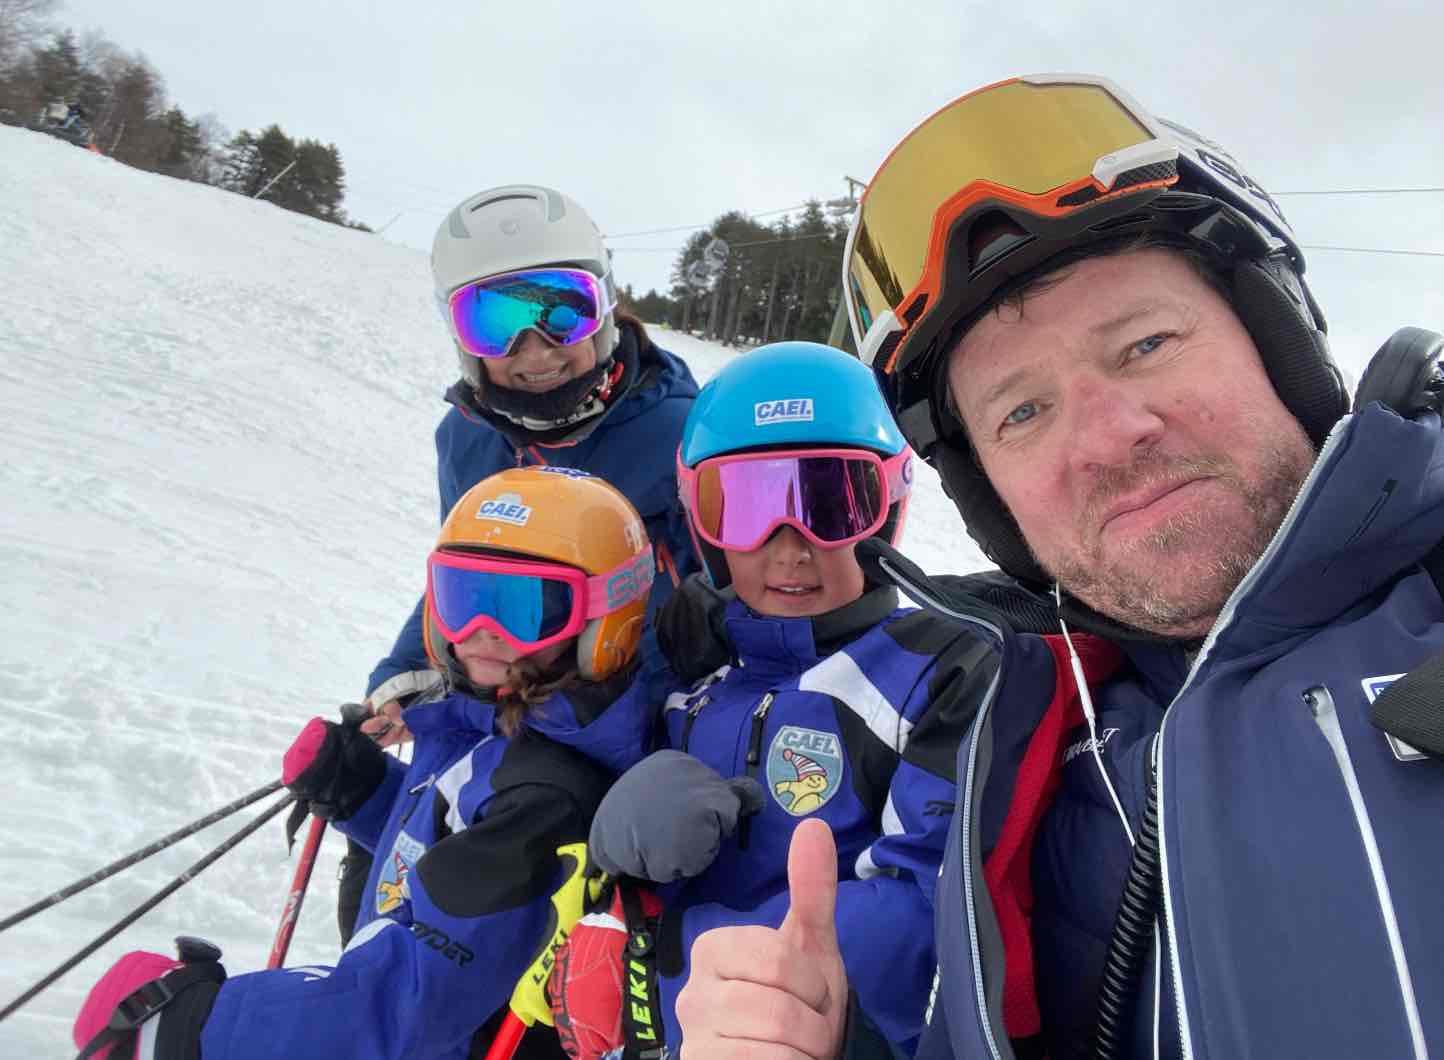 Xavi Ubeira with his family on the snow